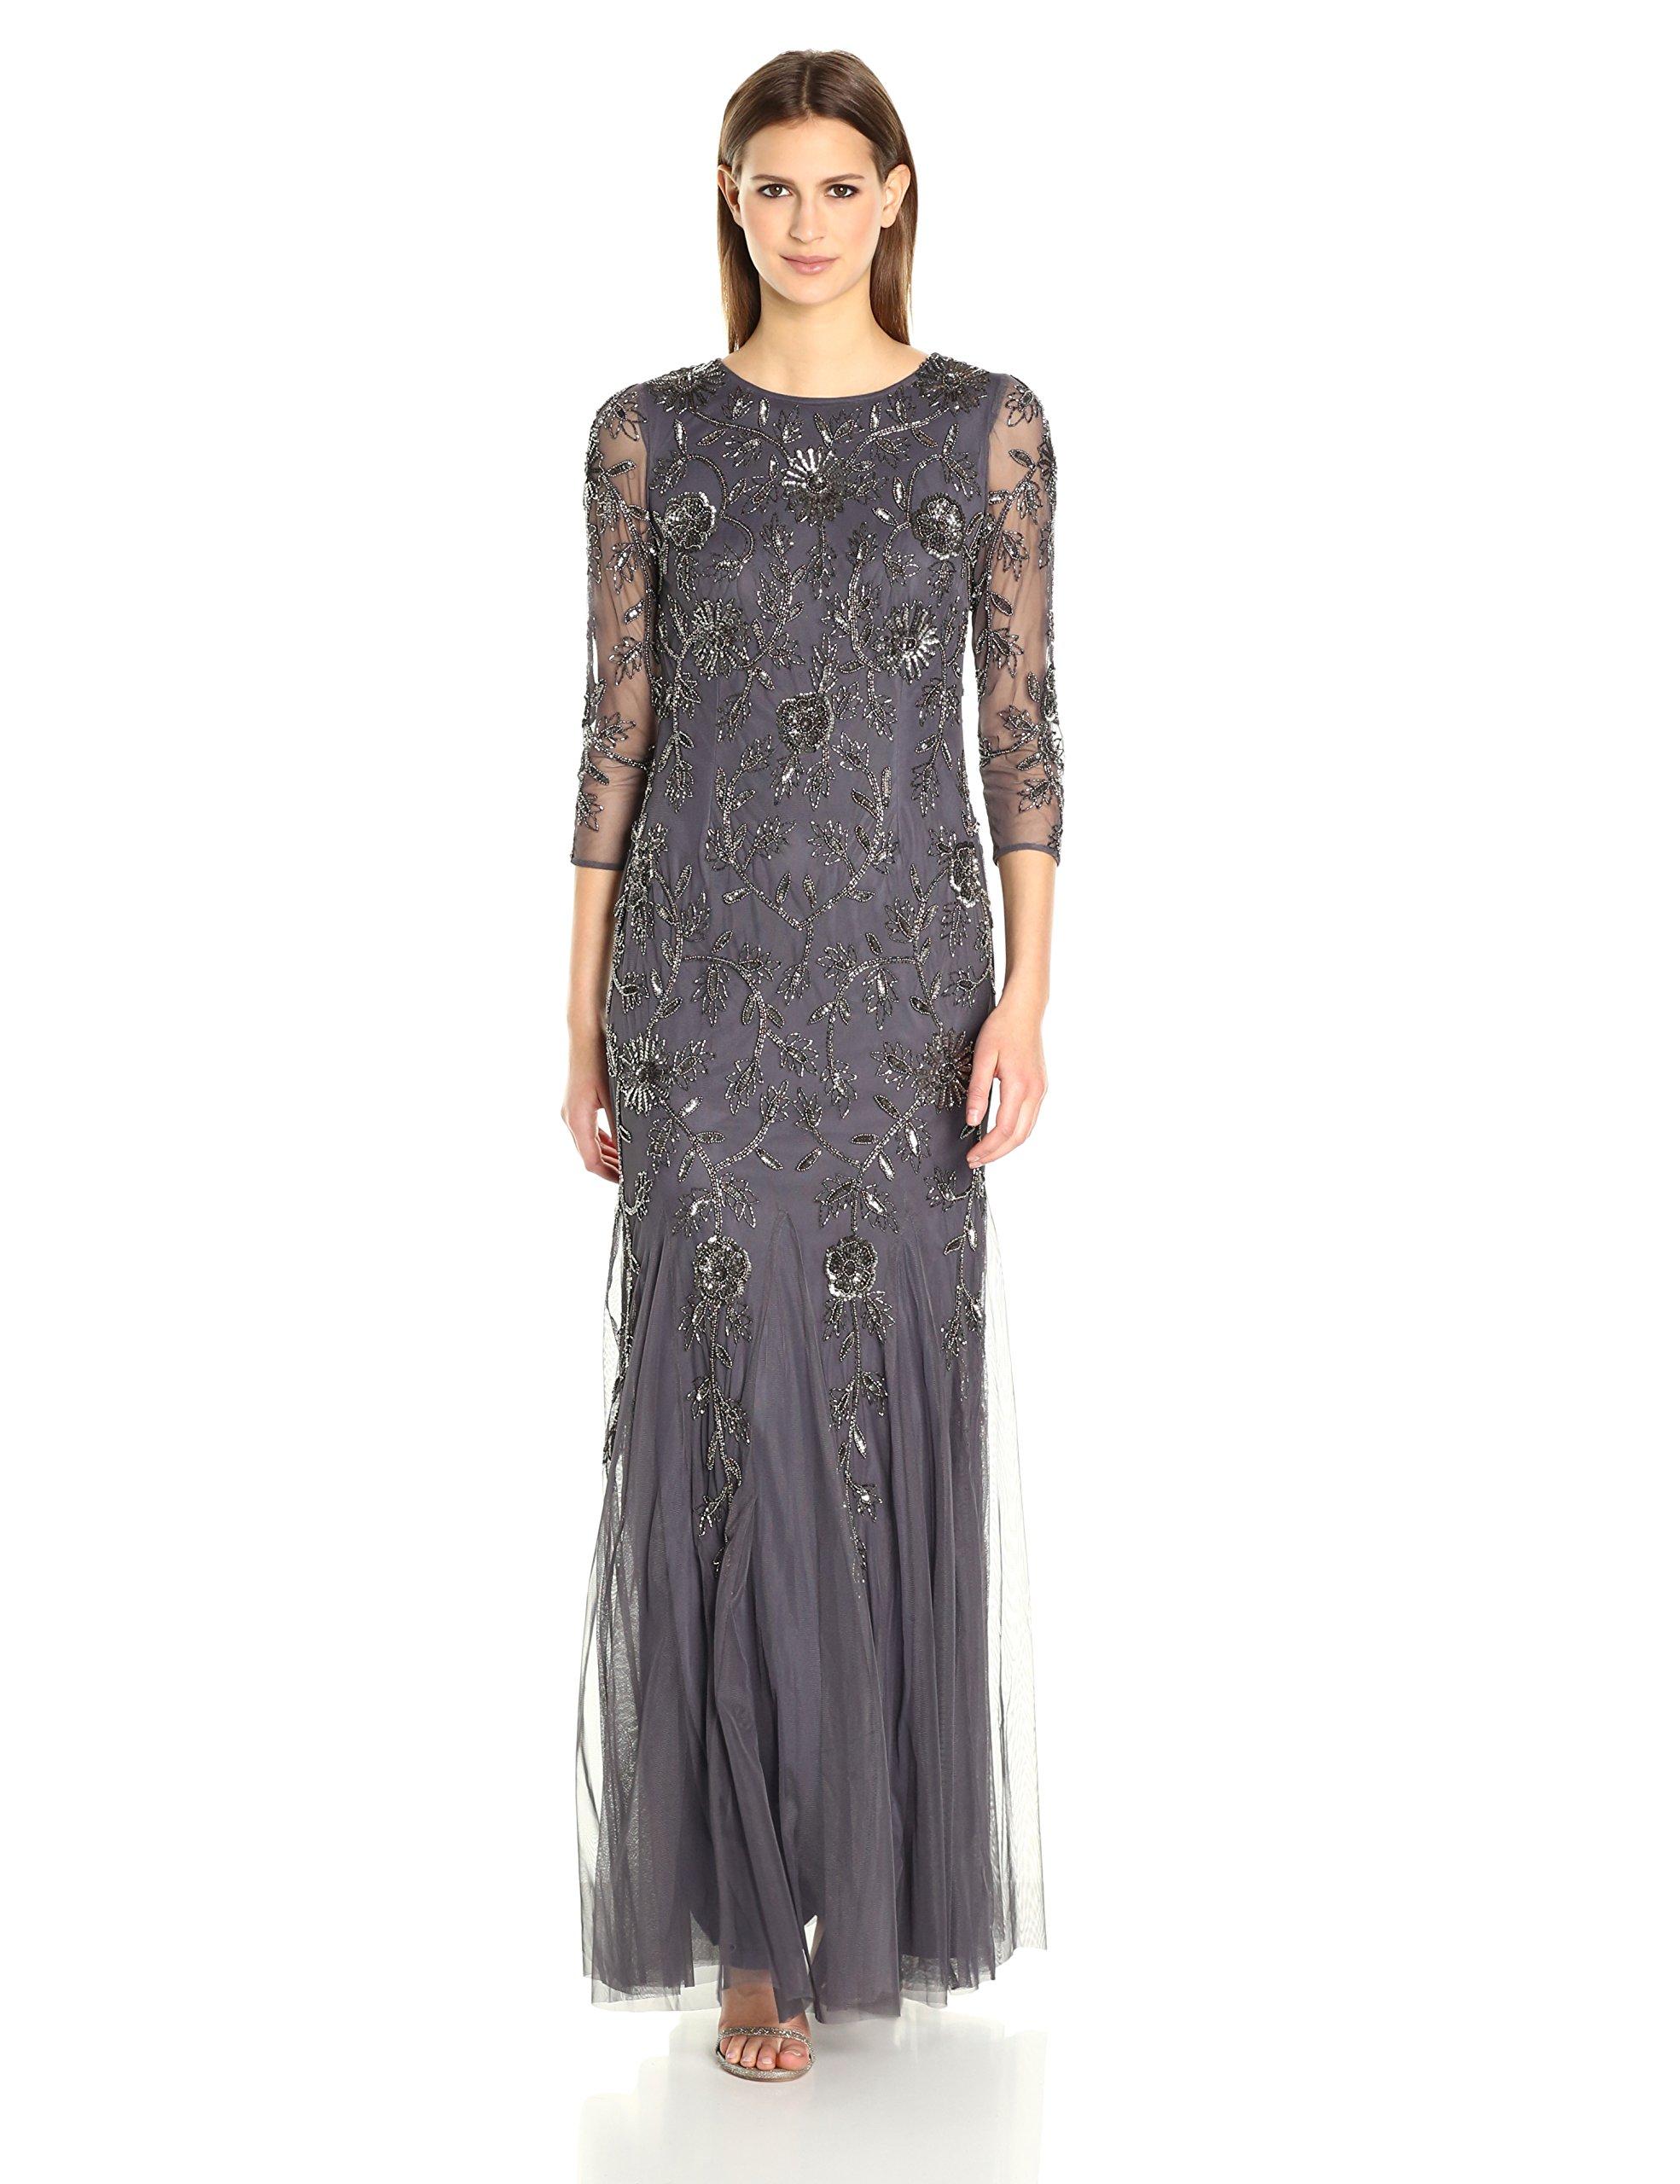 Adrianna Papell Womens Elbow Sleeve Long Beaded Velvet Dress Formal Dress